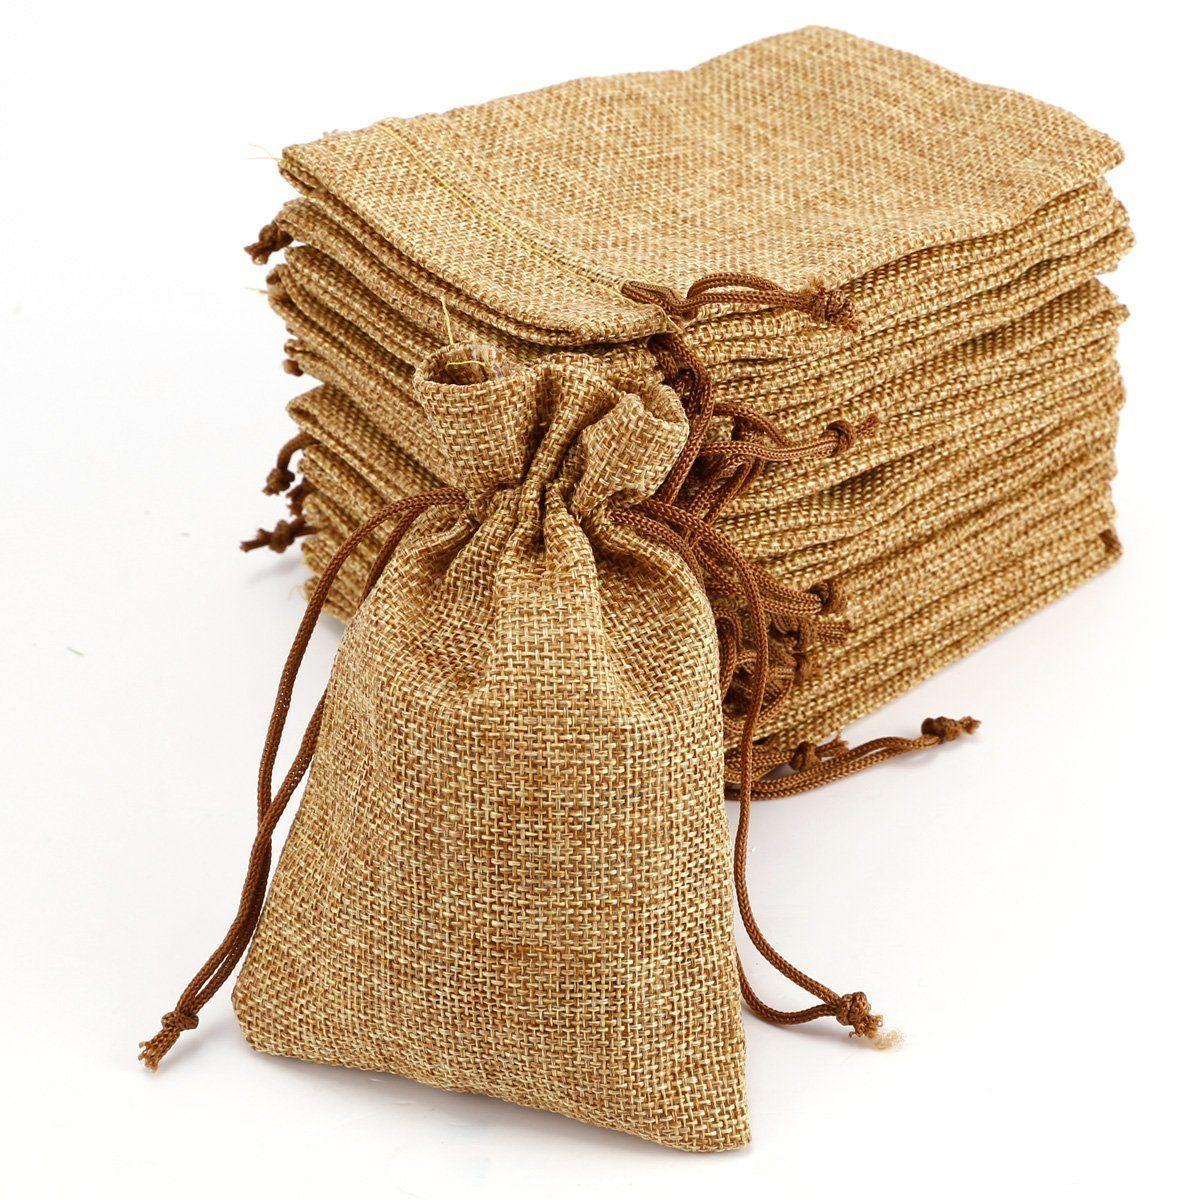 20pcs bolsa de organza arpillera bolsitas de yute bolsitas - Saco de arpillera ...